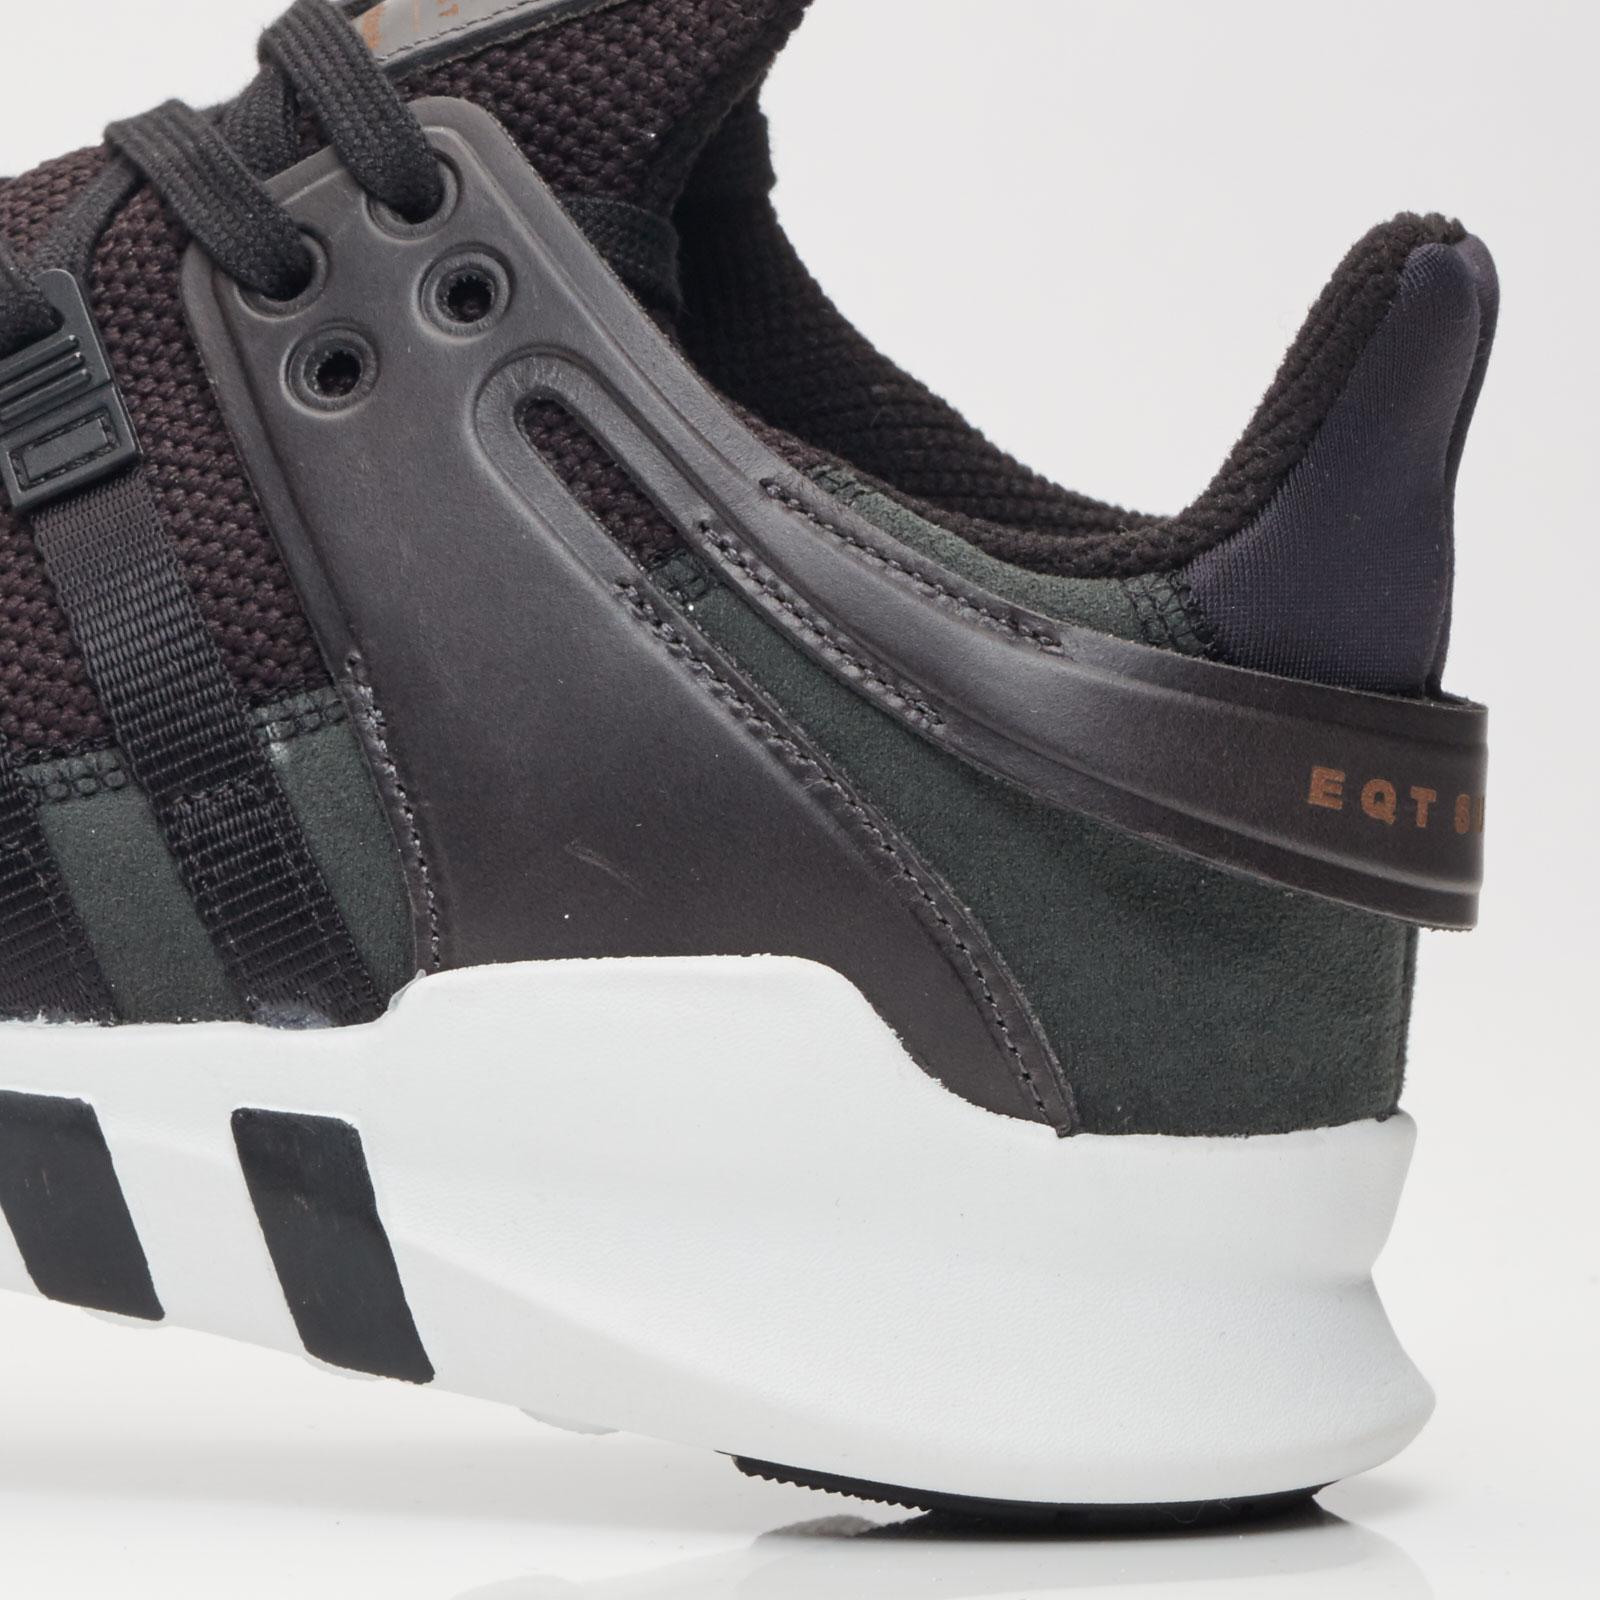 adidas eqt appoggio avanzata bb1295 sneakersnstuff scarpe